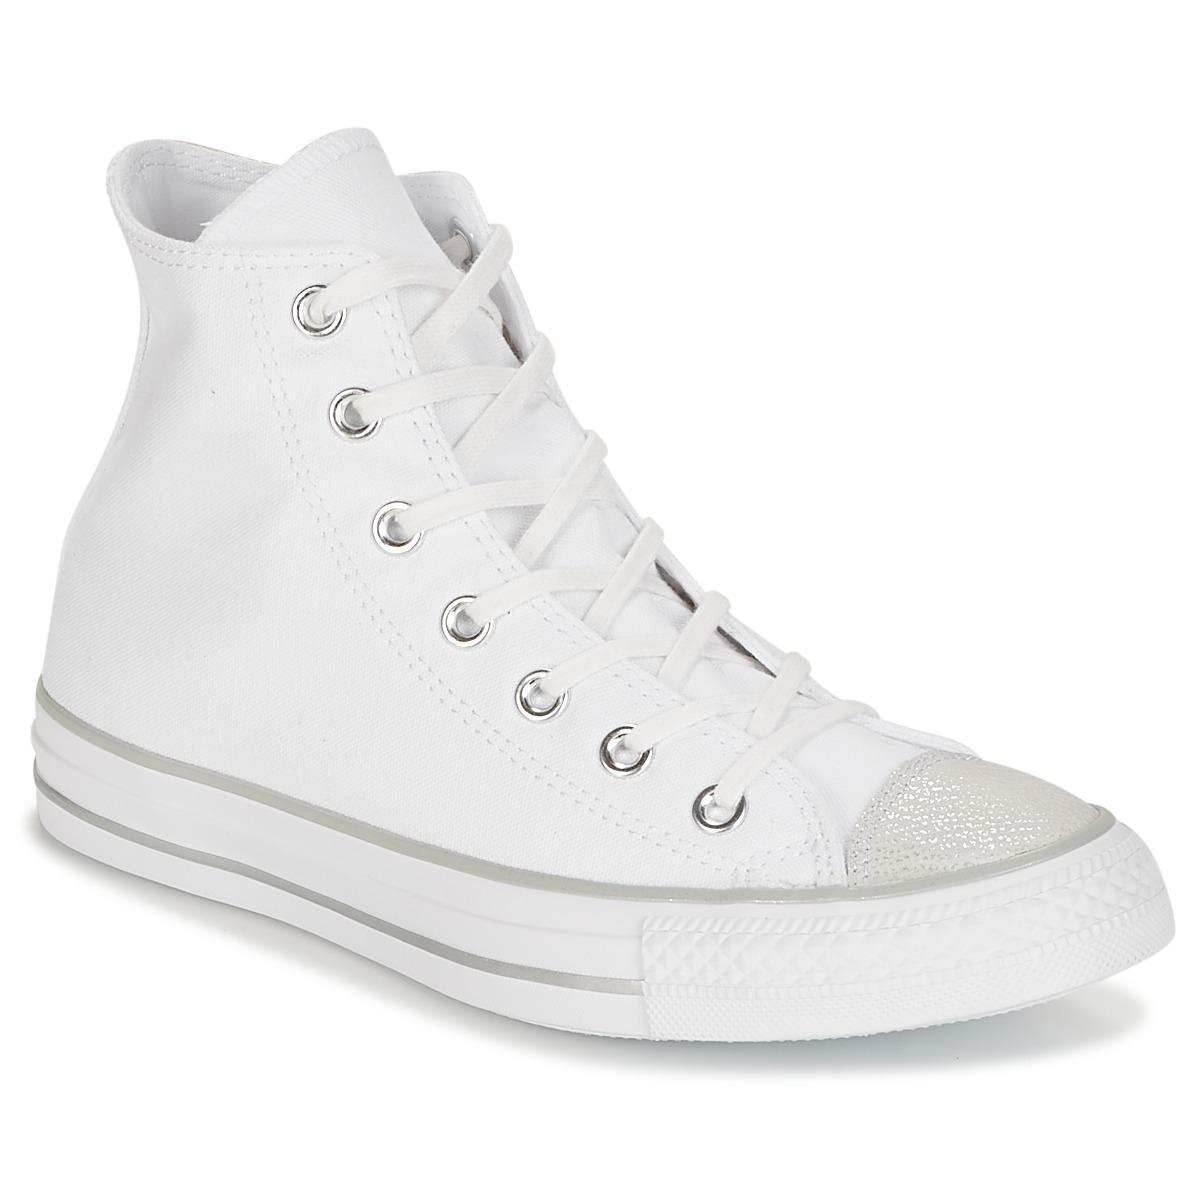 bc99e928d10f49 Converse Chuck Taylor All Star Hi Tipped Metallic Toecap Shoes (high ...